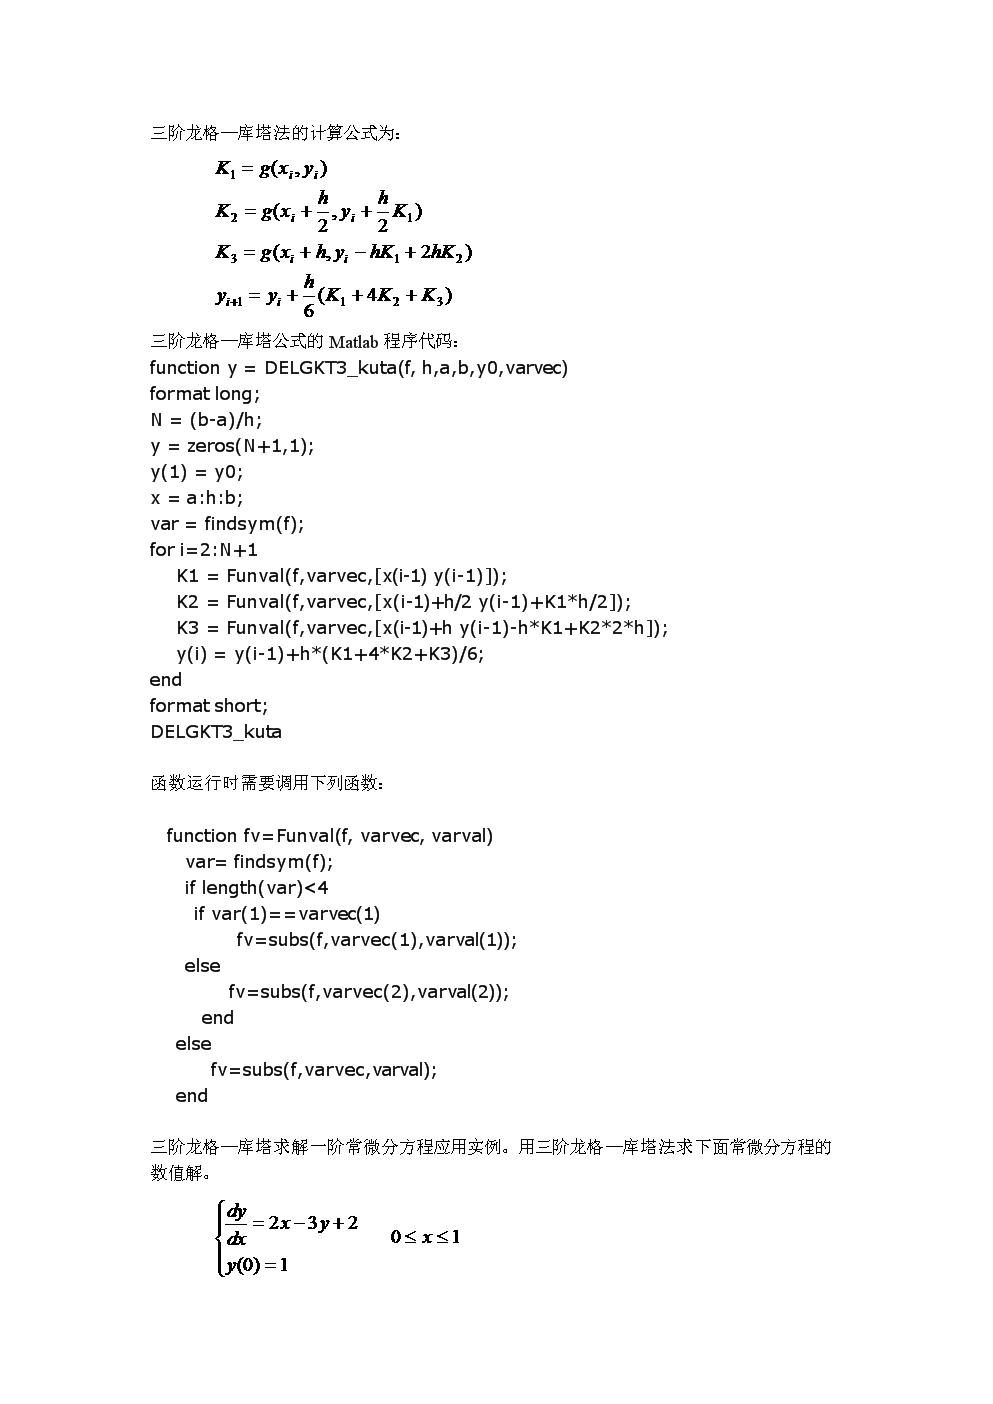 三阶、四阶龙格库塔函数matlab代码.doc